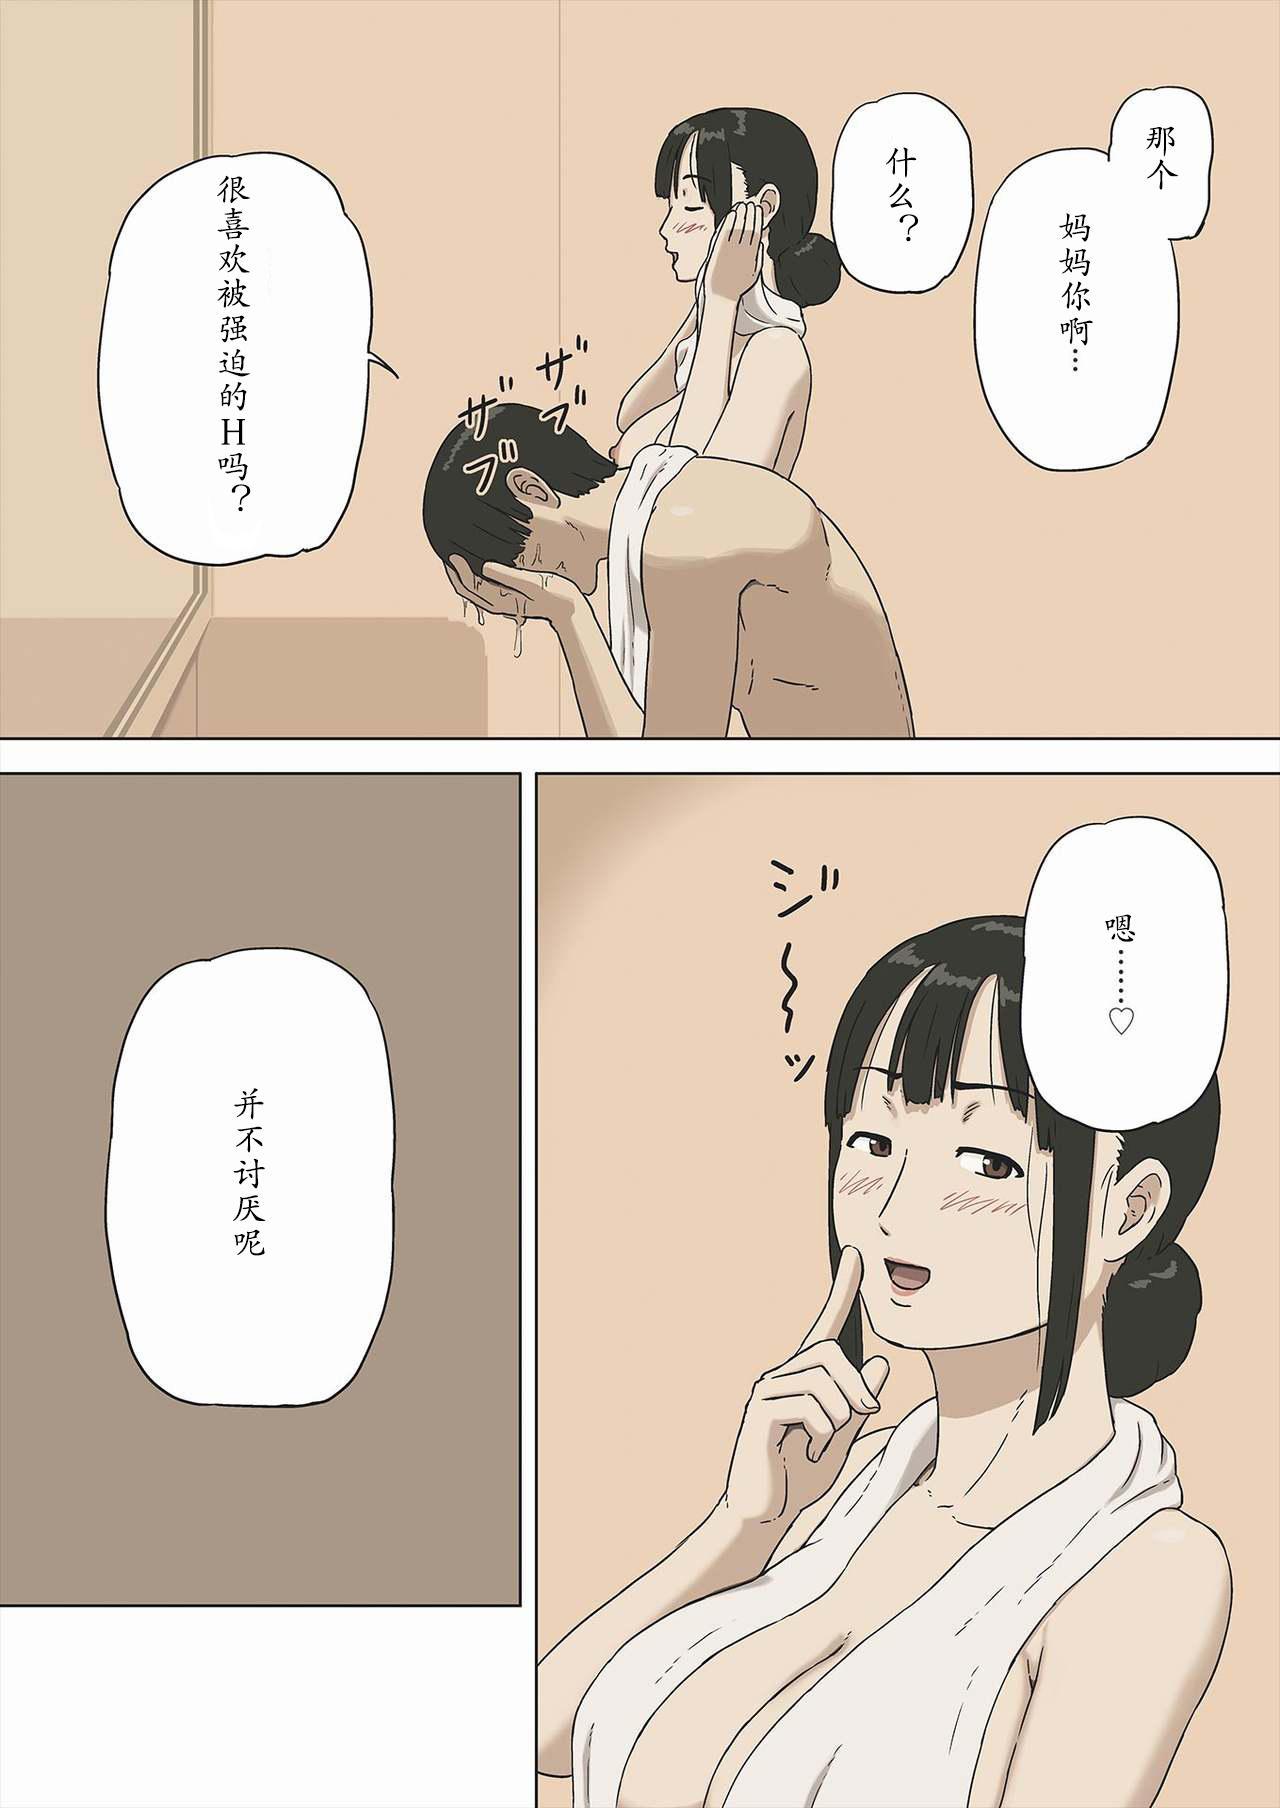 Share 2 Kaa-san tte Muriyari Saretari Suru no Suki na no 24